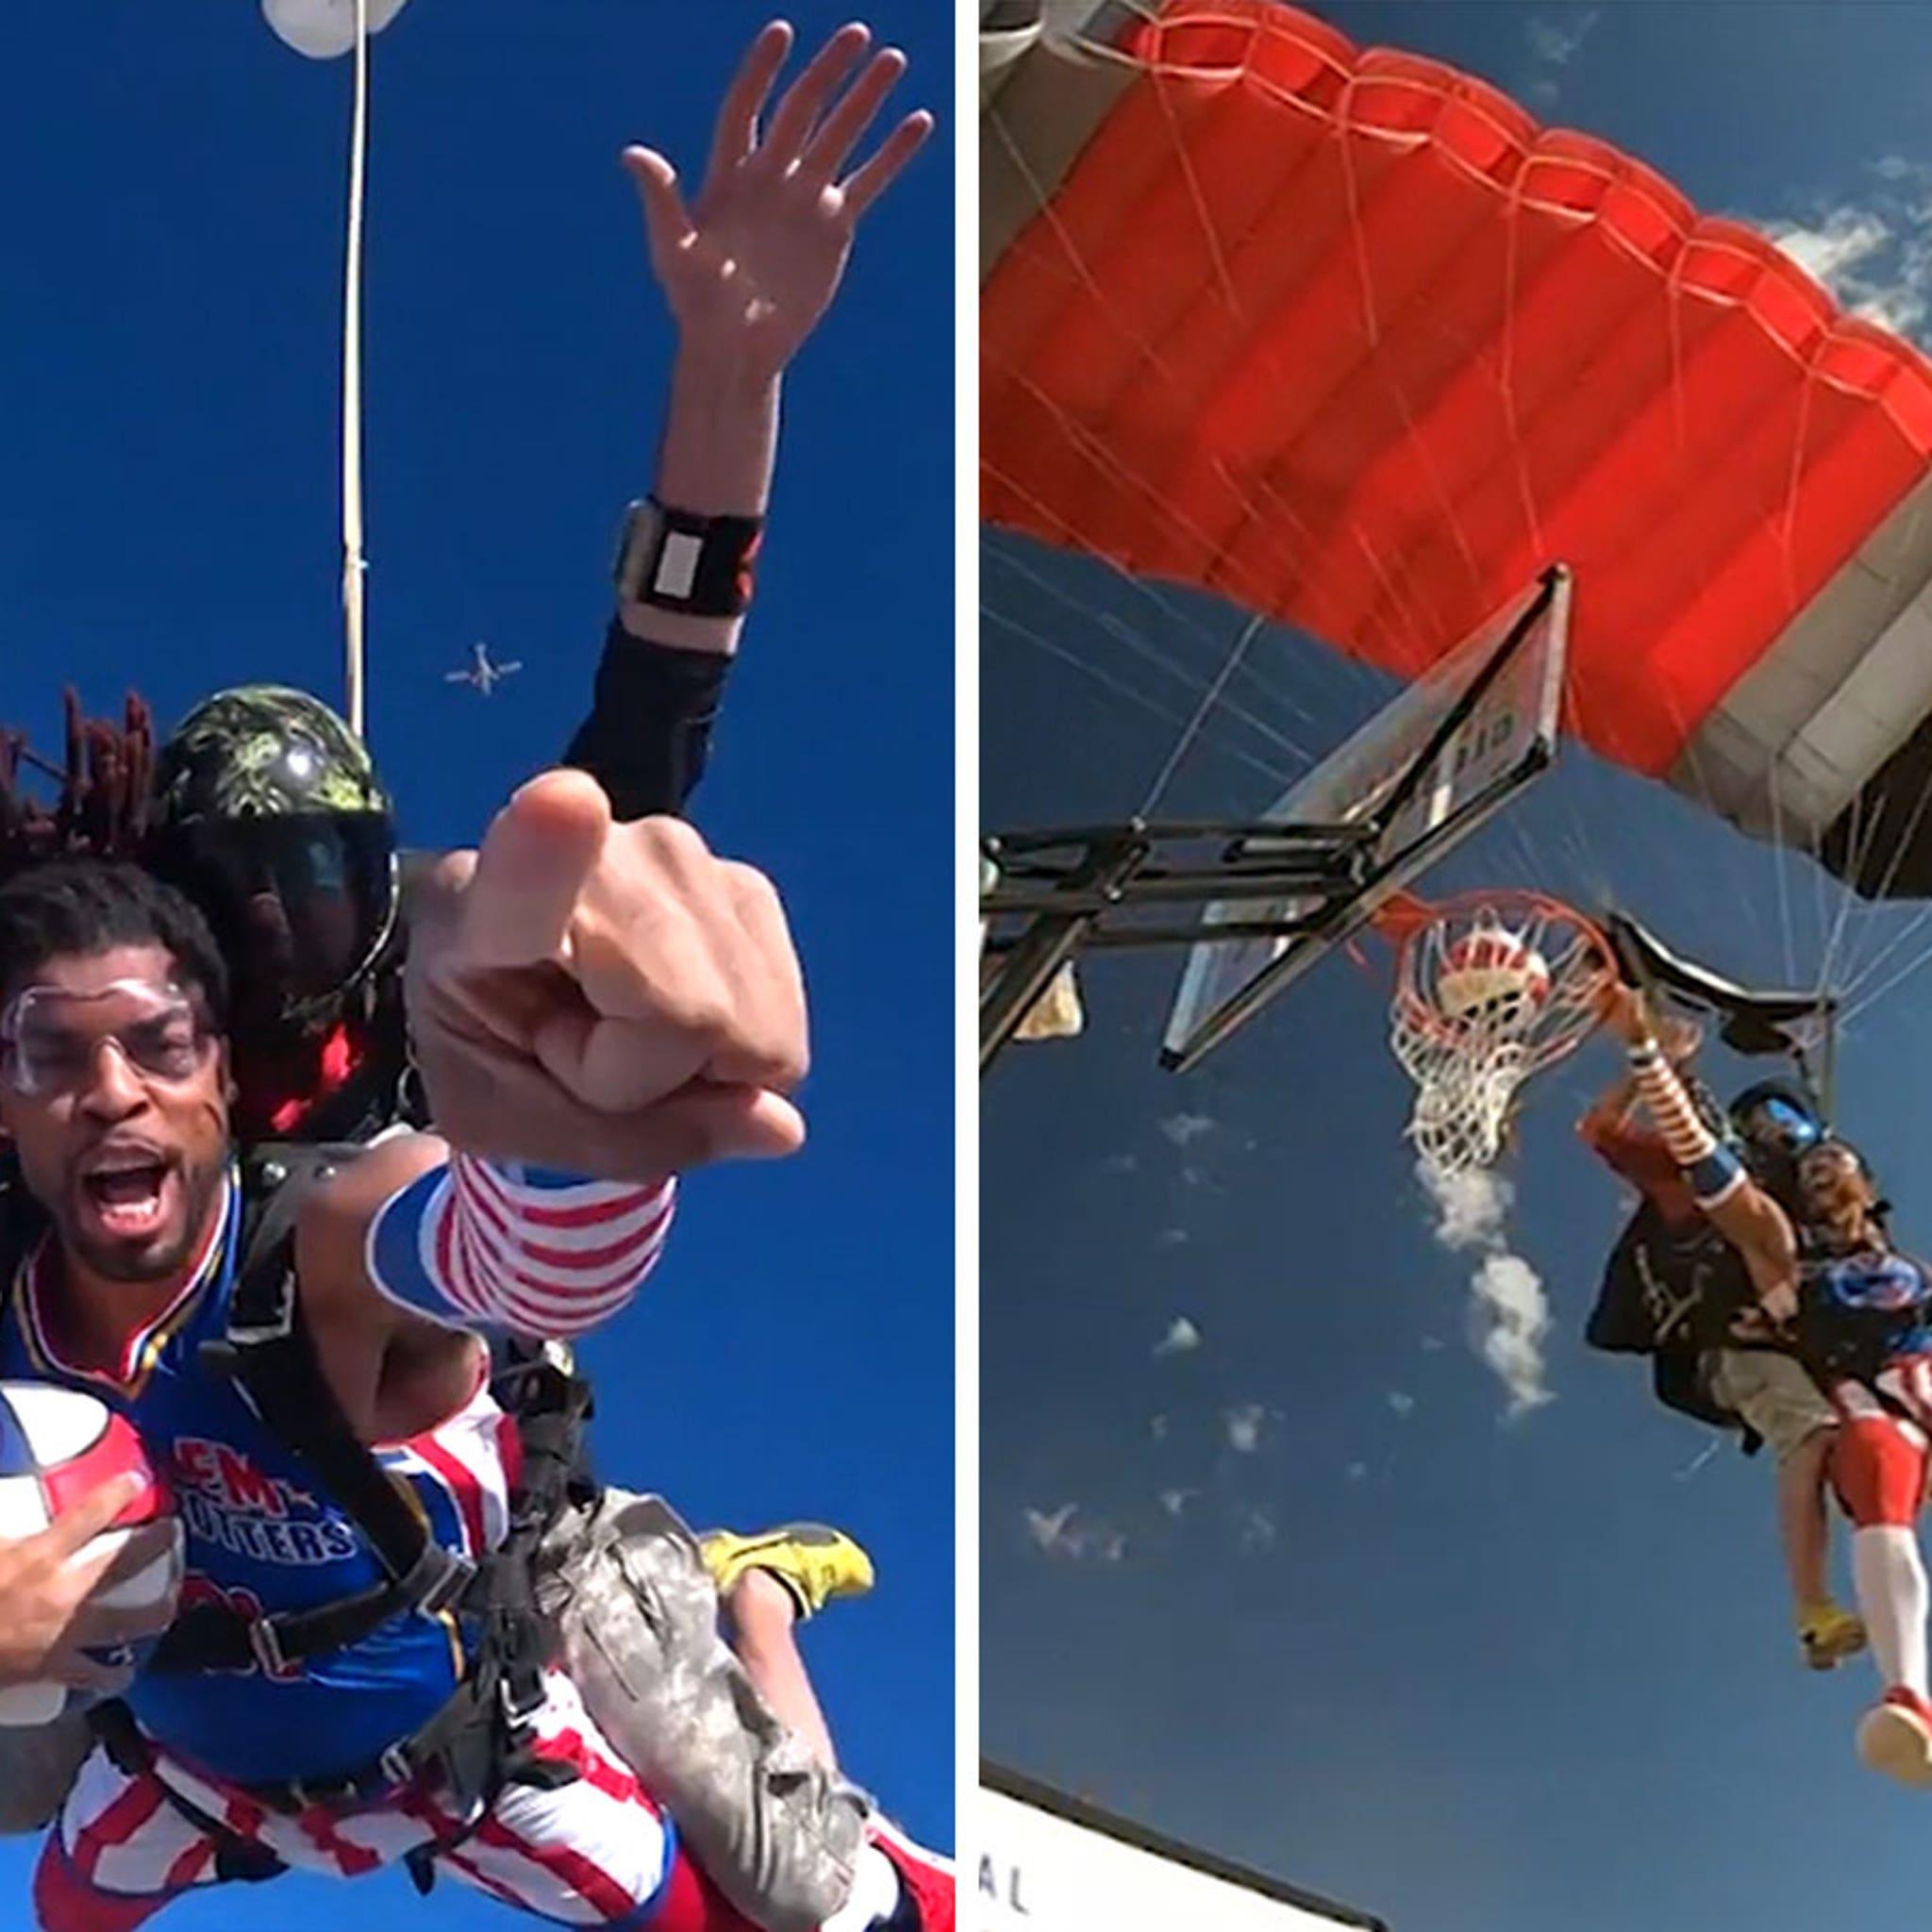 Harlem Globetrotters Land 13,000-Ft. Slam From The Sky, Highest Dunk Ever!